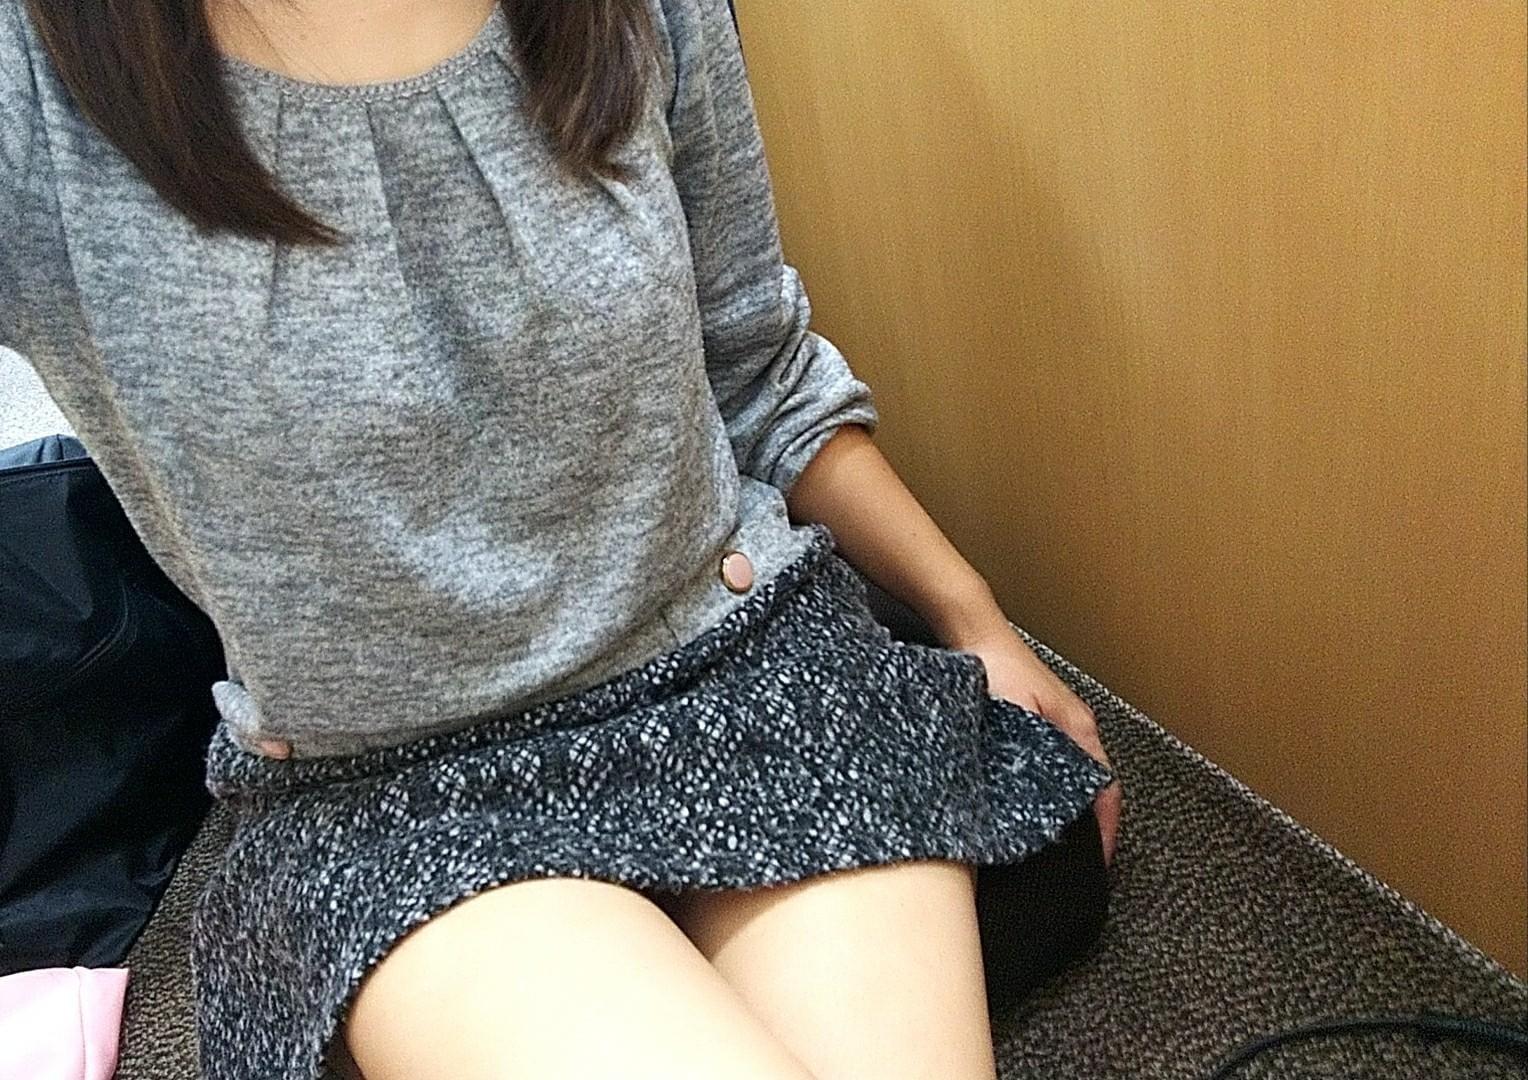 「こんにちは♪」10/19日(金) 14:31 | 宮代まきの写メ・風俗動画